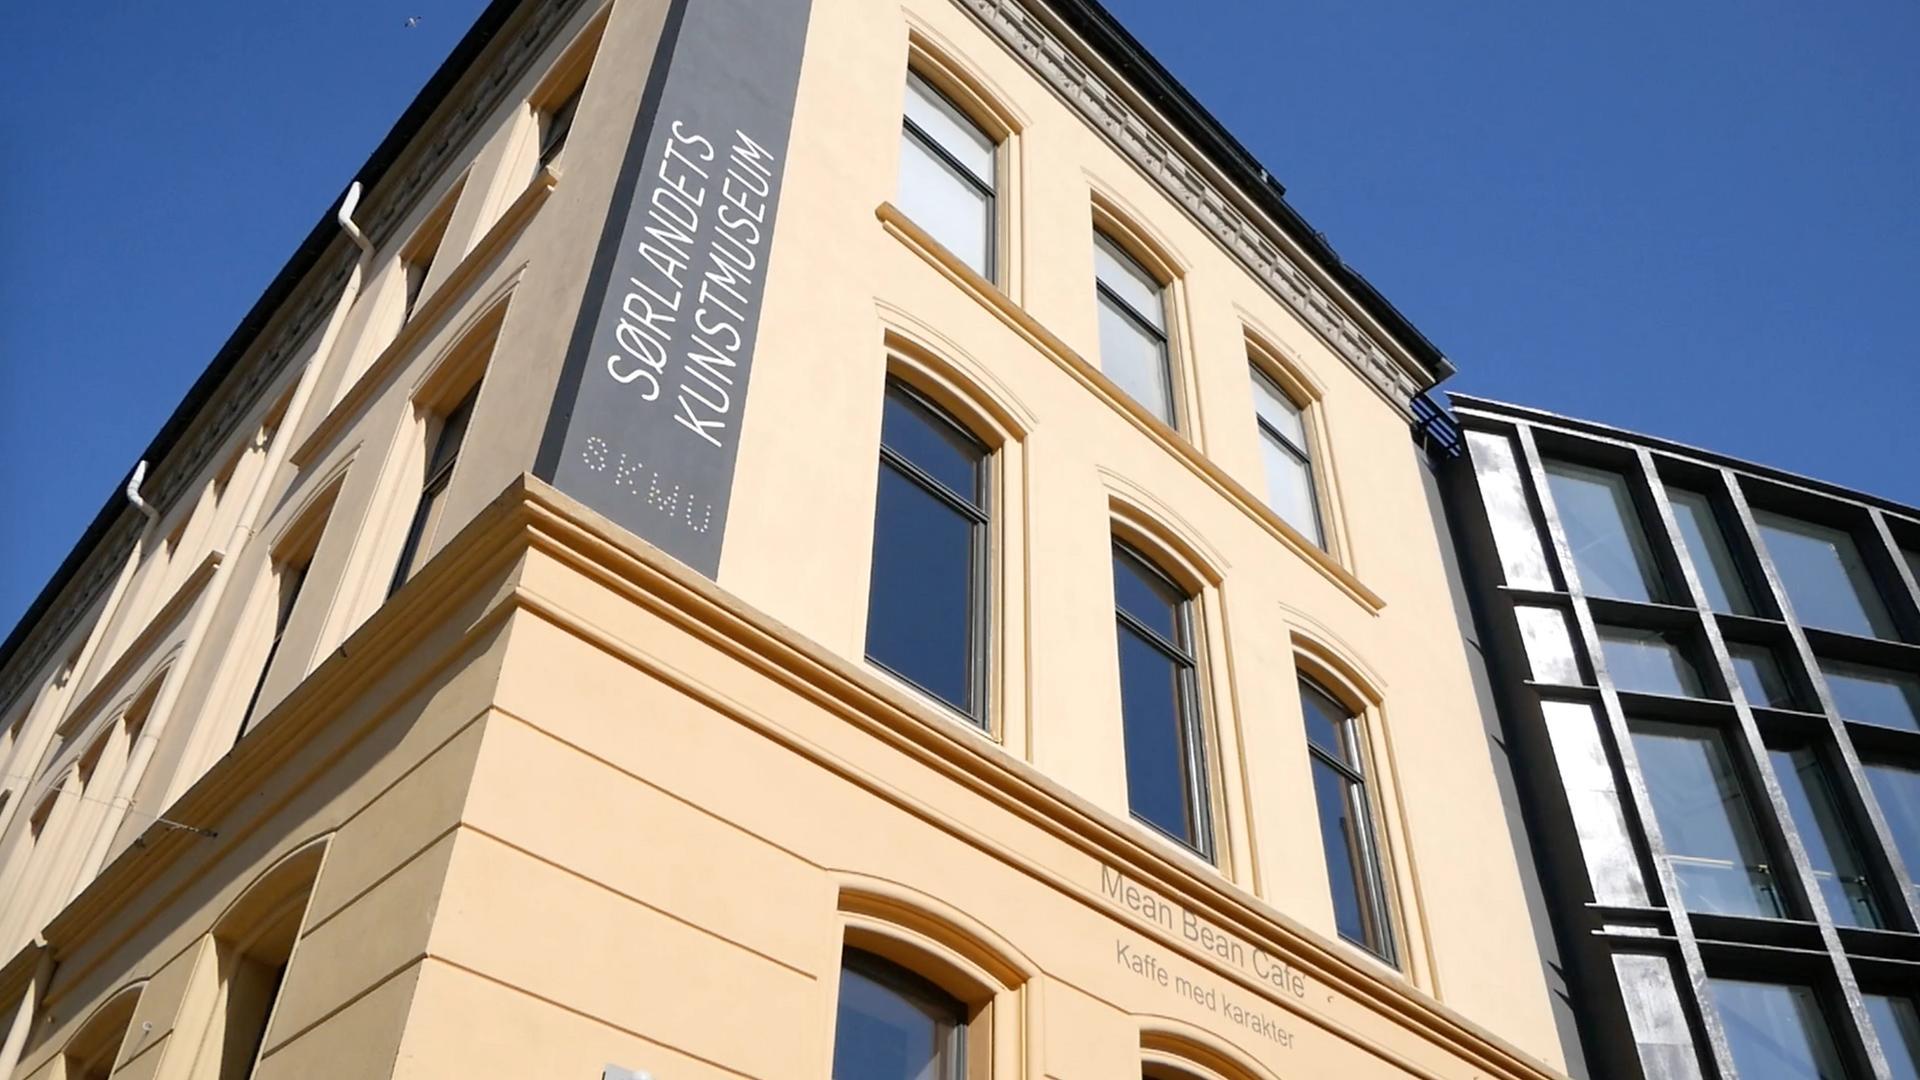 Sørlandets Kunstmuseum